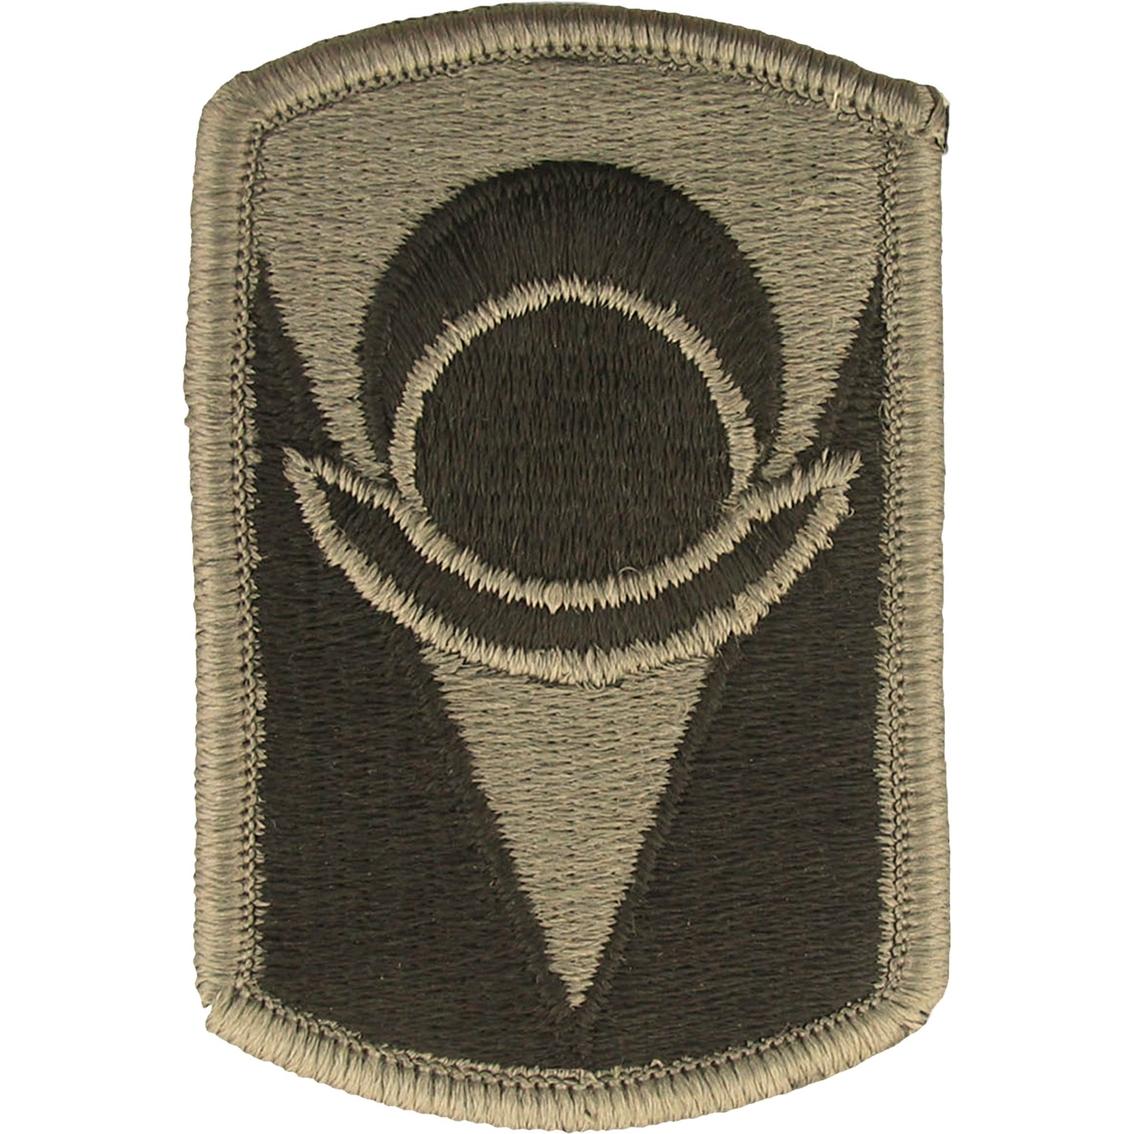 Army Unit Patch 53rd Infantry Brigade (ocp)  f185e4e03c8